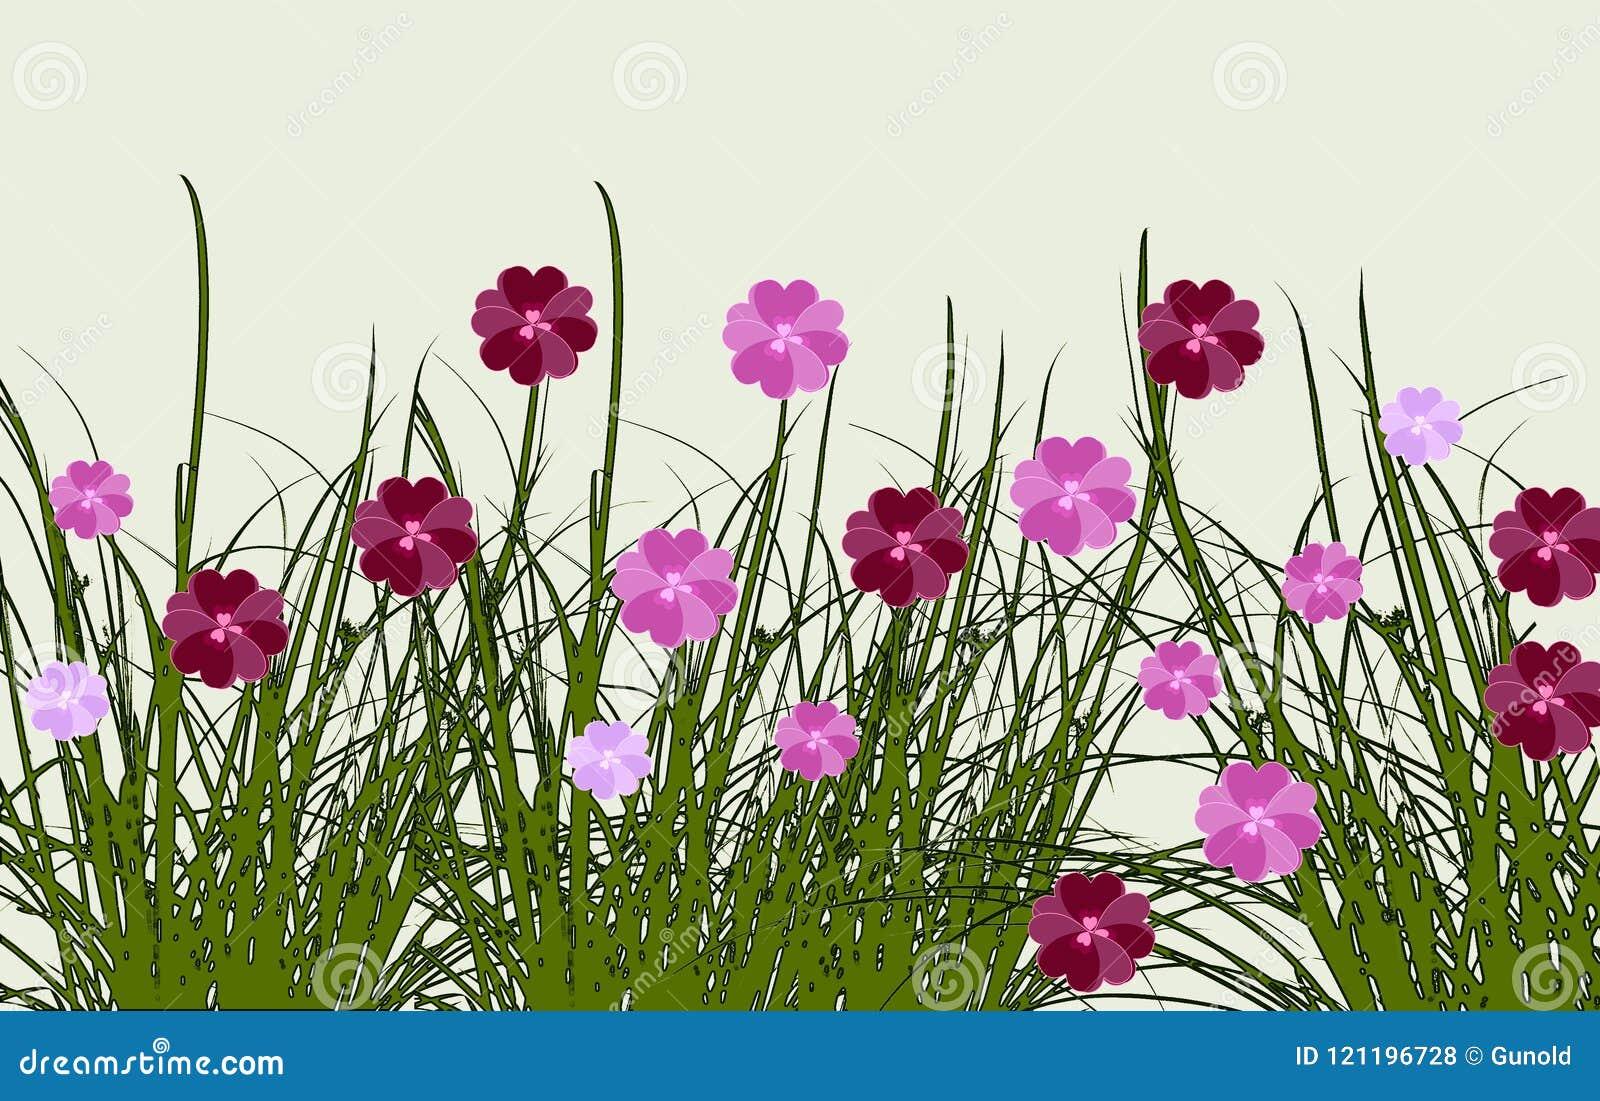 Grens van de zomerbloemen in een weide, digitaal kunstontwerp